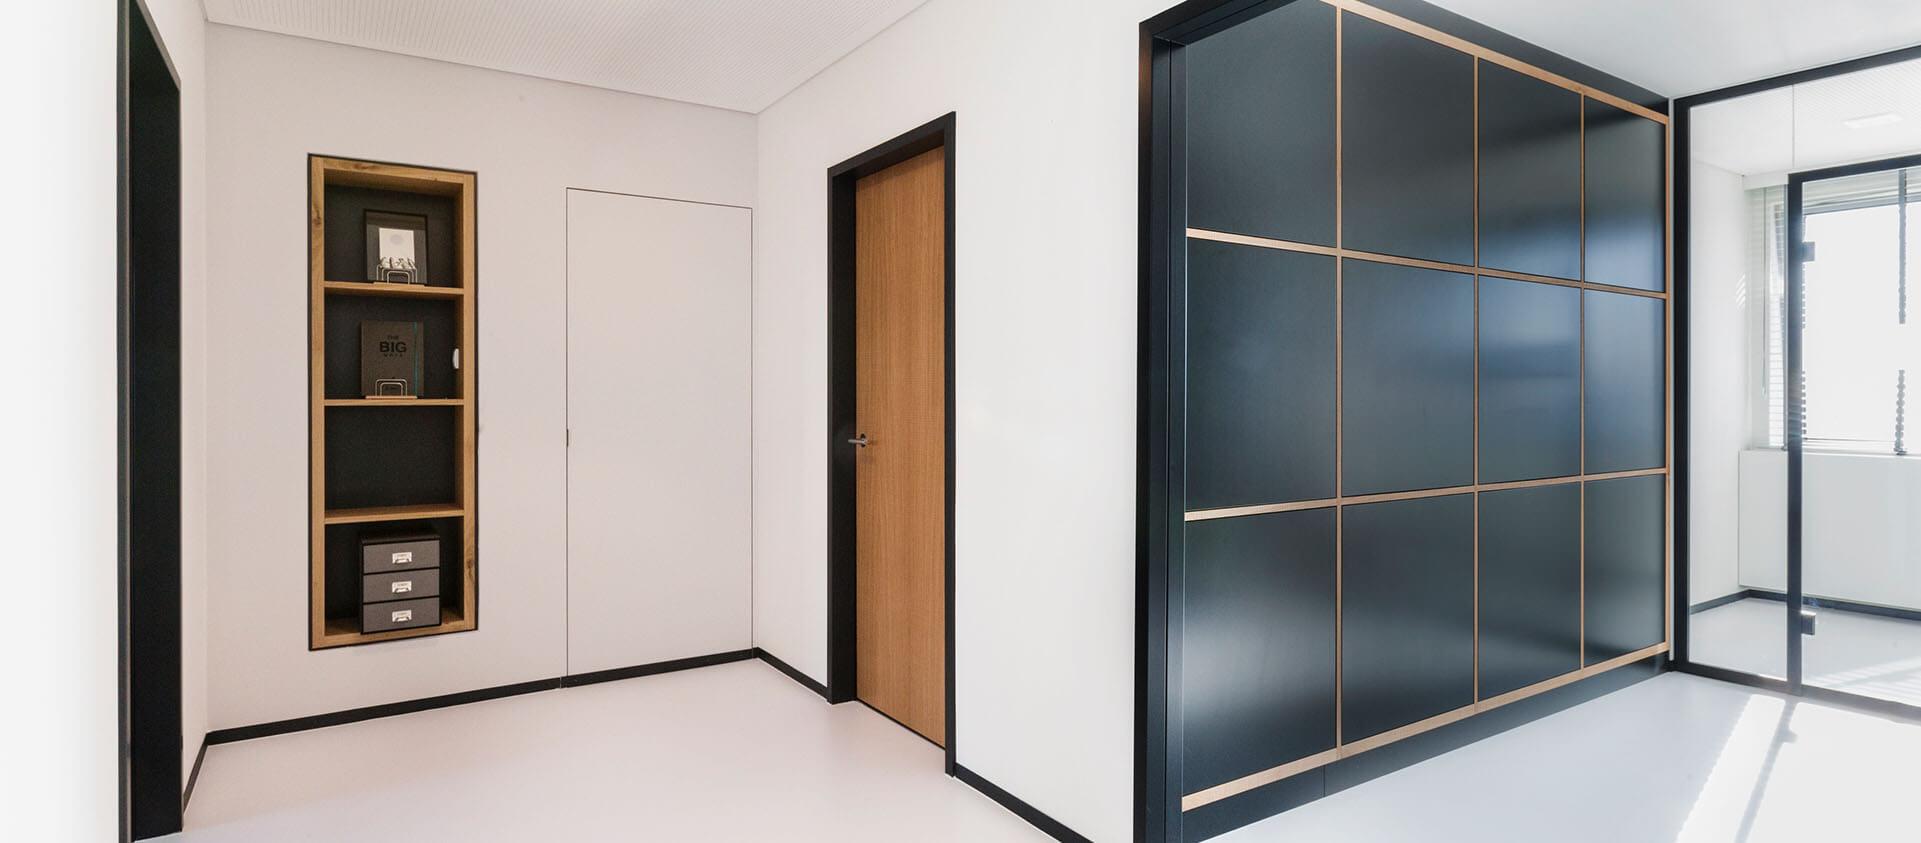 Bürogebäude geplant von Florian + Eberhard Horn, Flur, Druckerraum